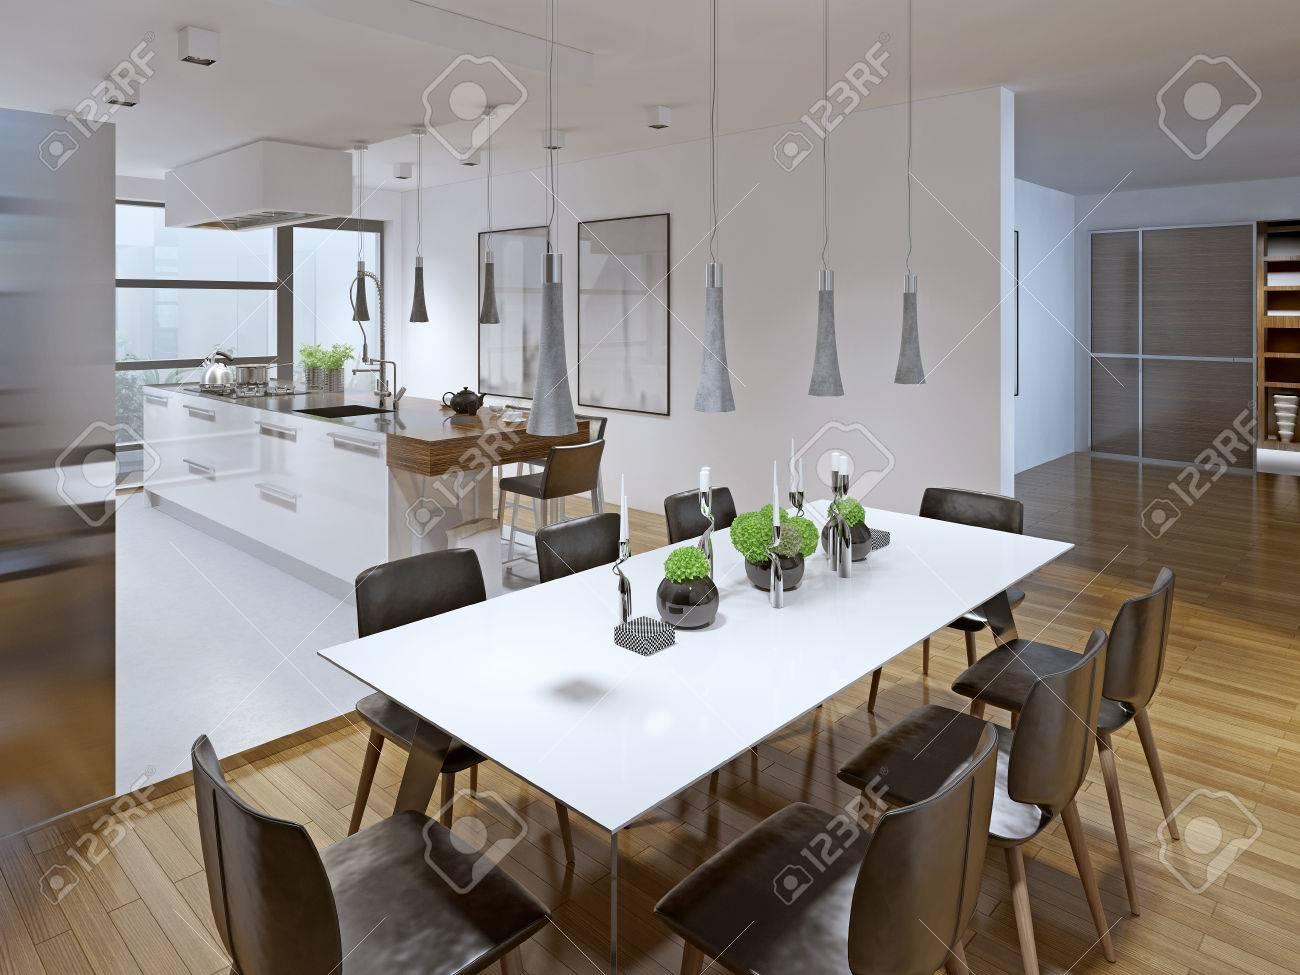 Diseño De La Cocina Moderna Con Comedor. 3D Render Fotos, Retratos ...